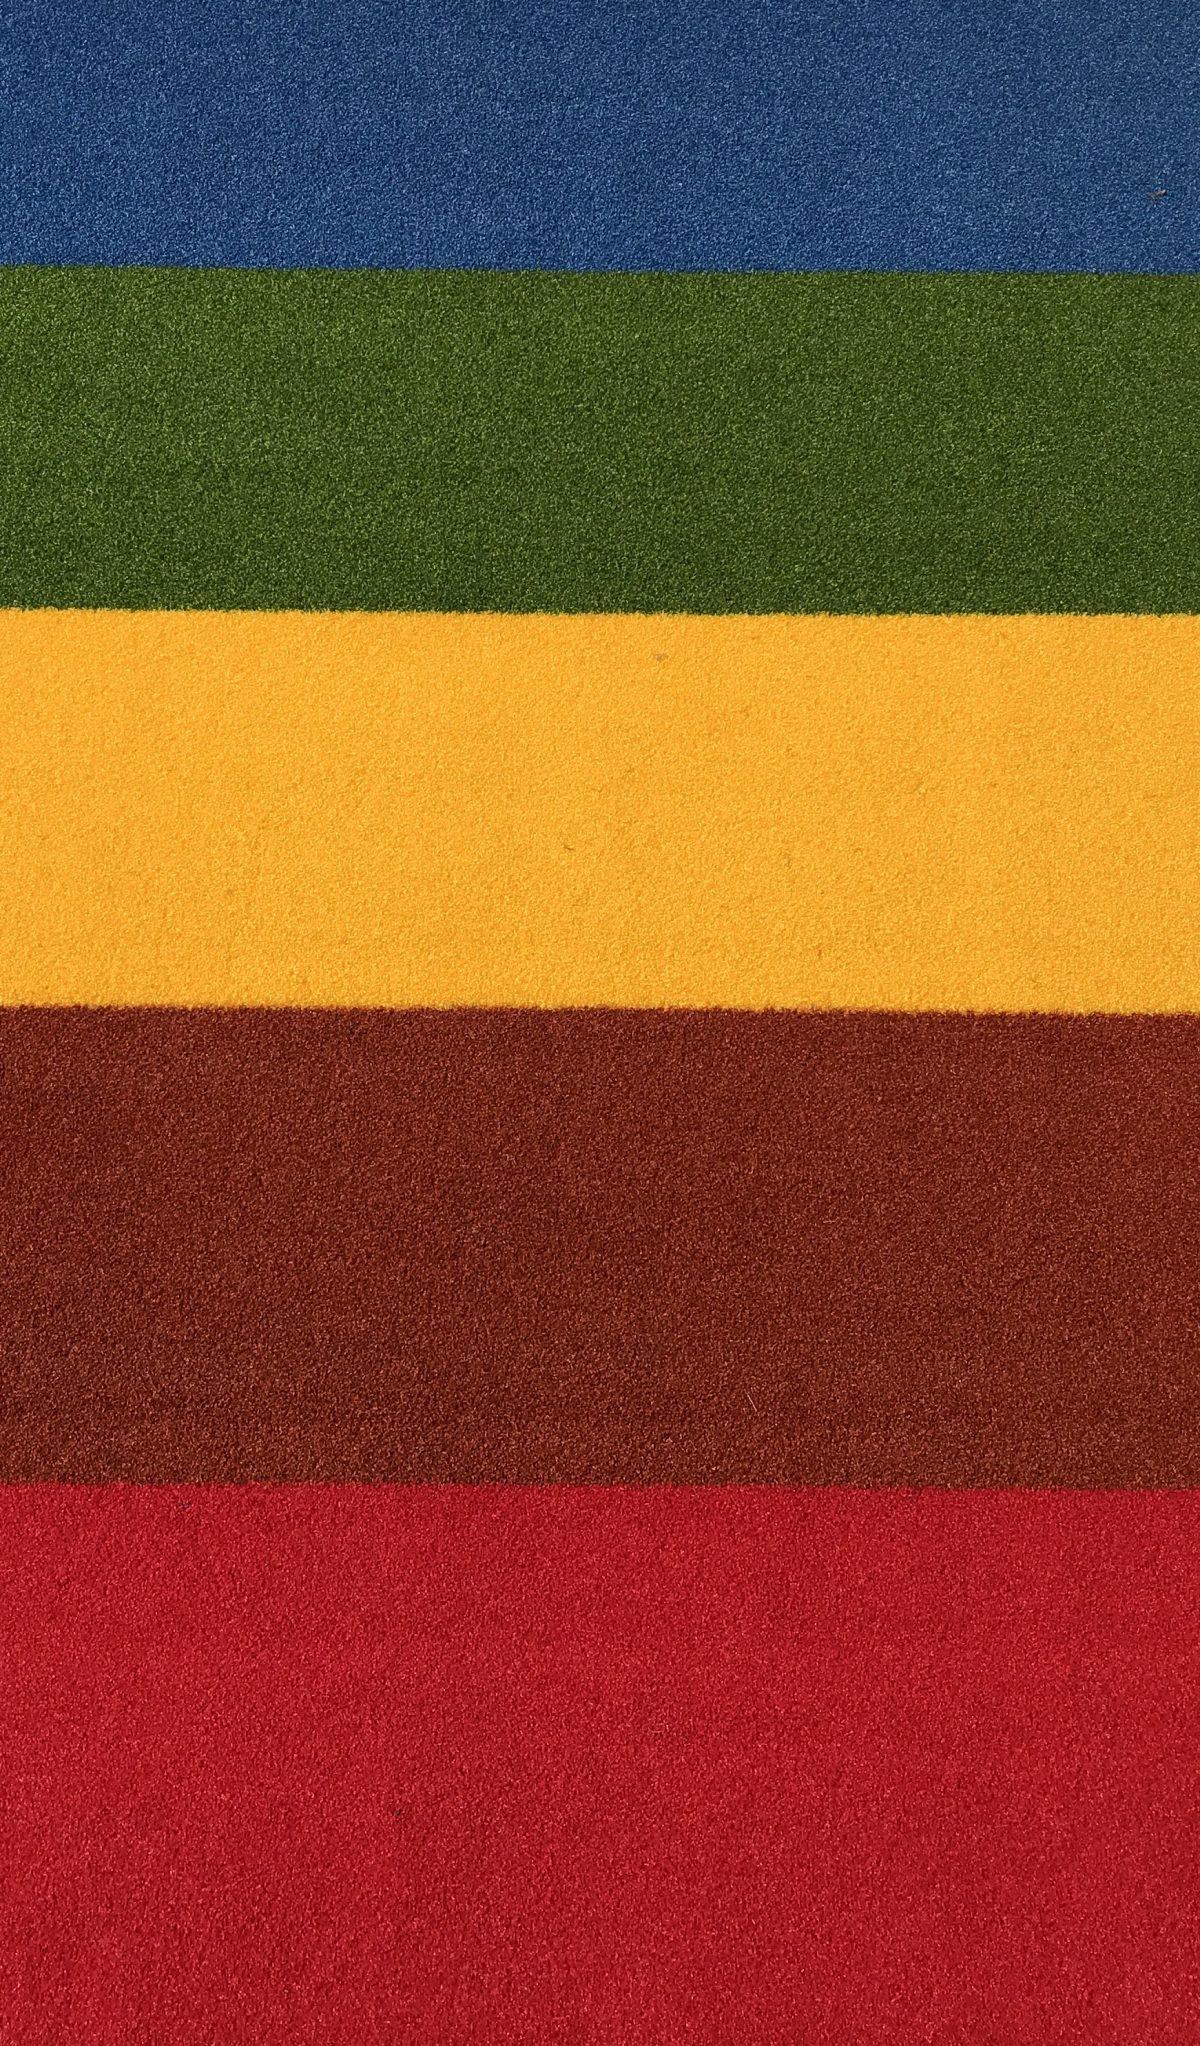 buitentapijt rood/terra/geel/groen/blauw